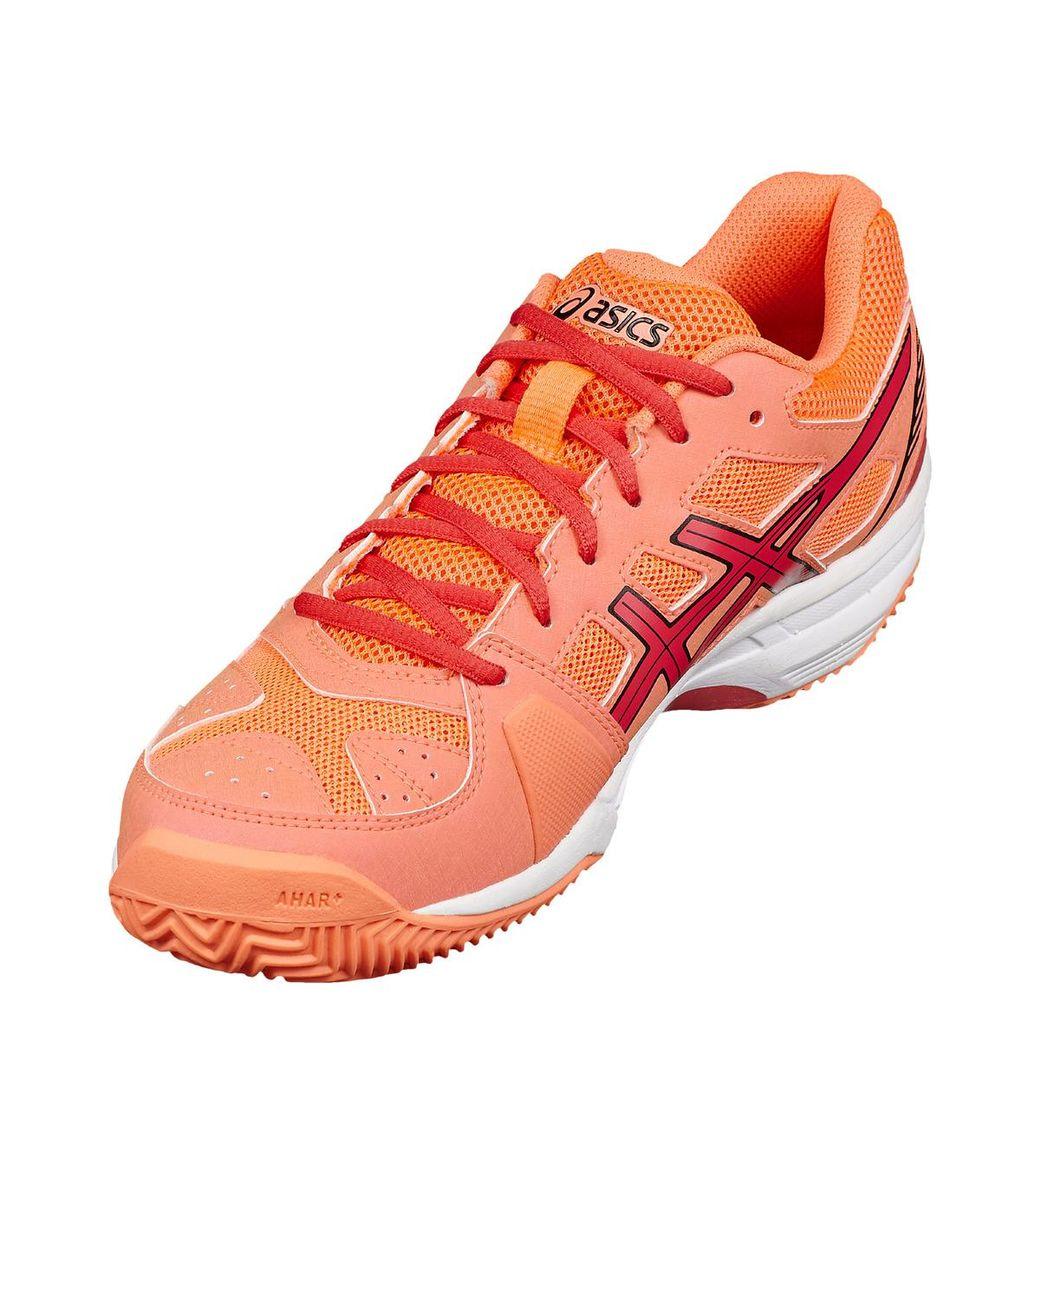 4 Padel Paddle Asics Exclusive Multicolor Tennis Sg Gel Shoes A5j4c3LqR